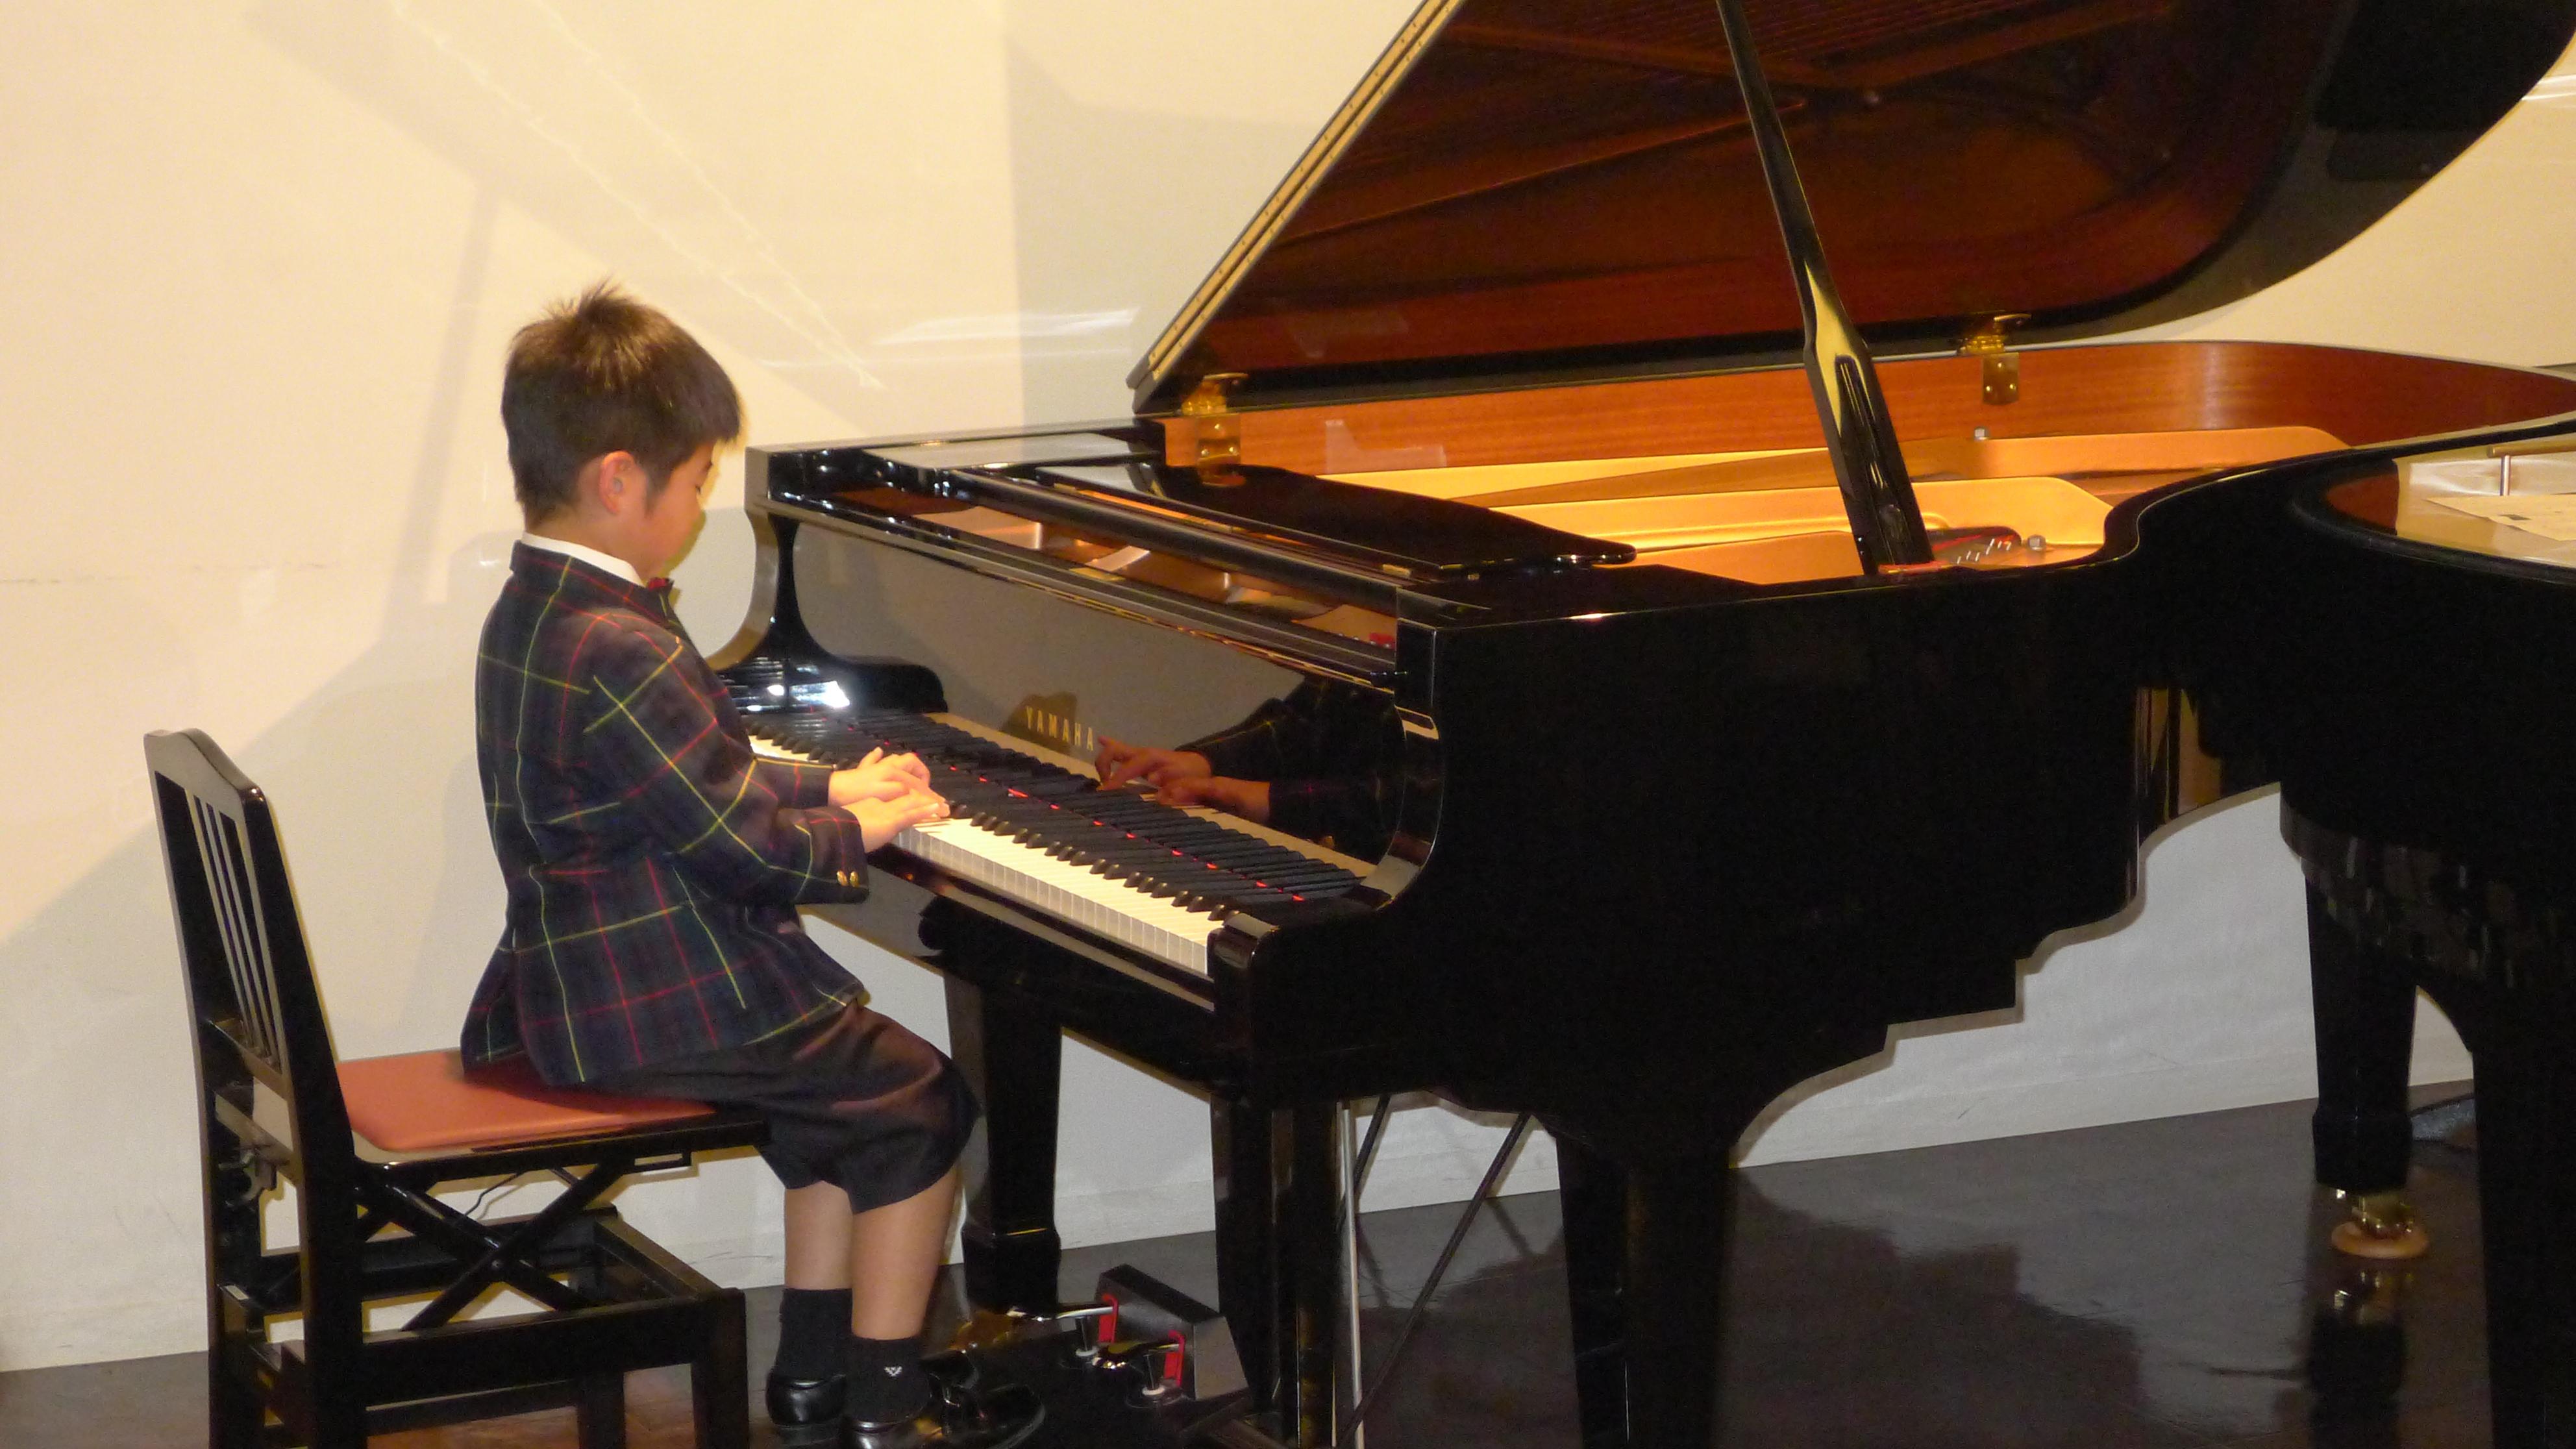 仙台市泉区北中山のピアノ教室 ピアノコンサートr